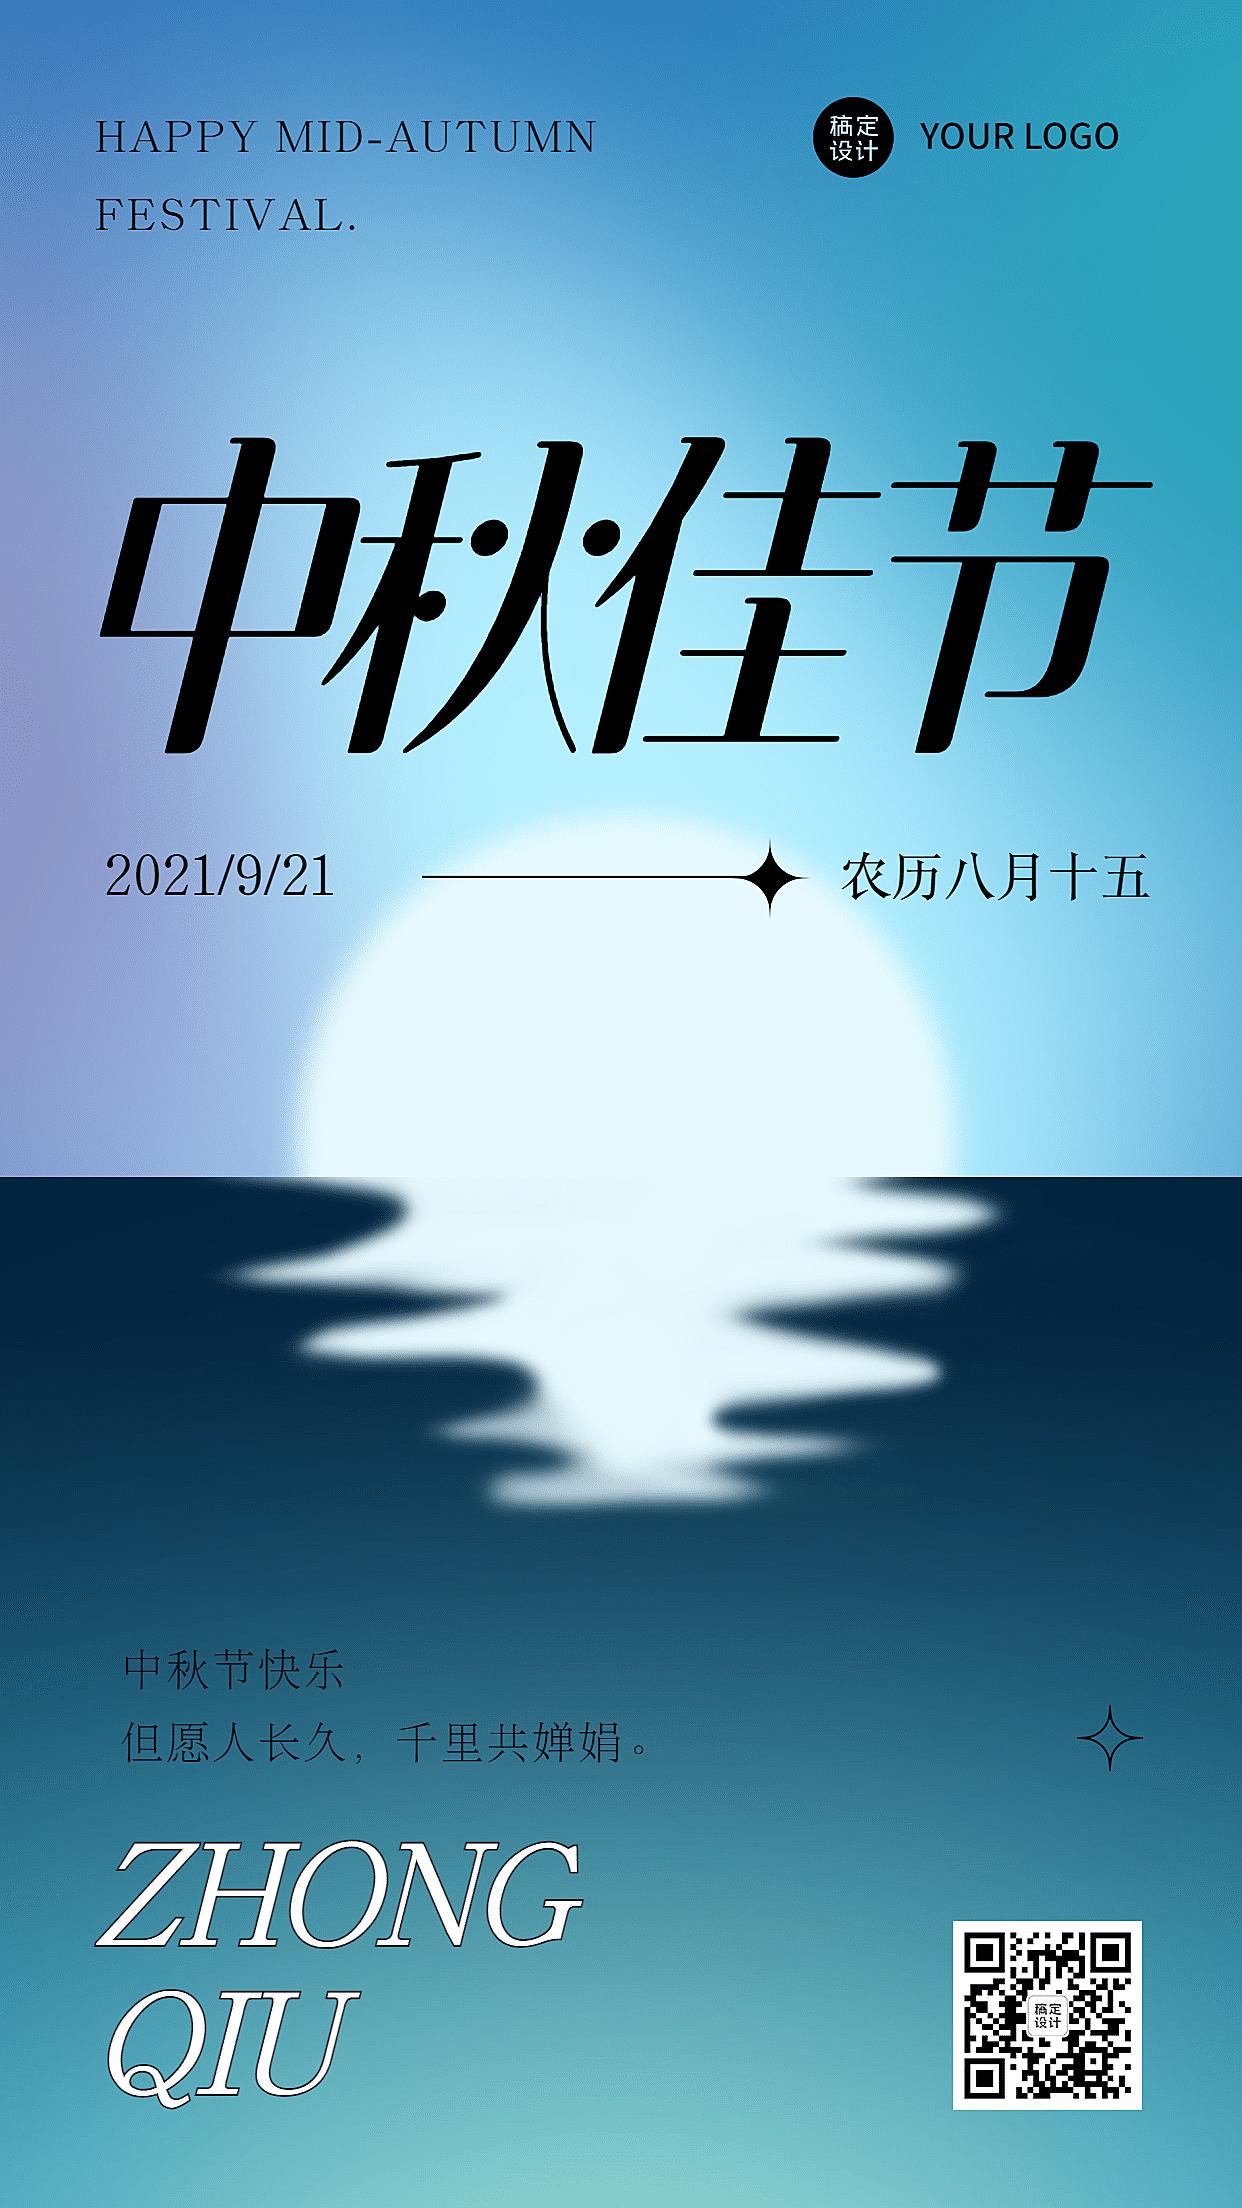 中秋节海上明月祝福创意手机海报